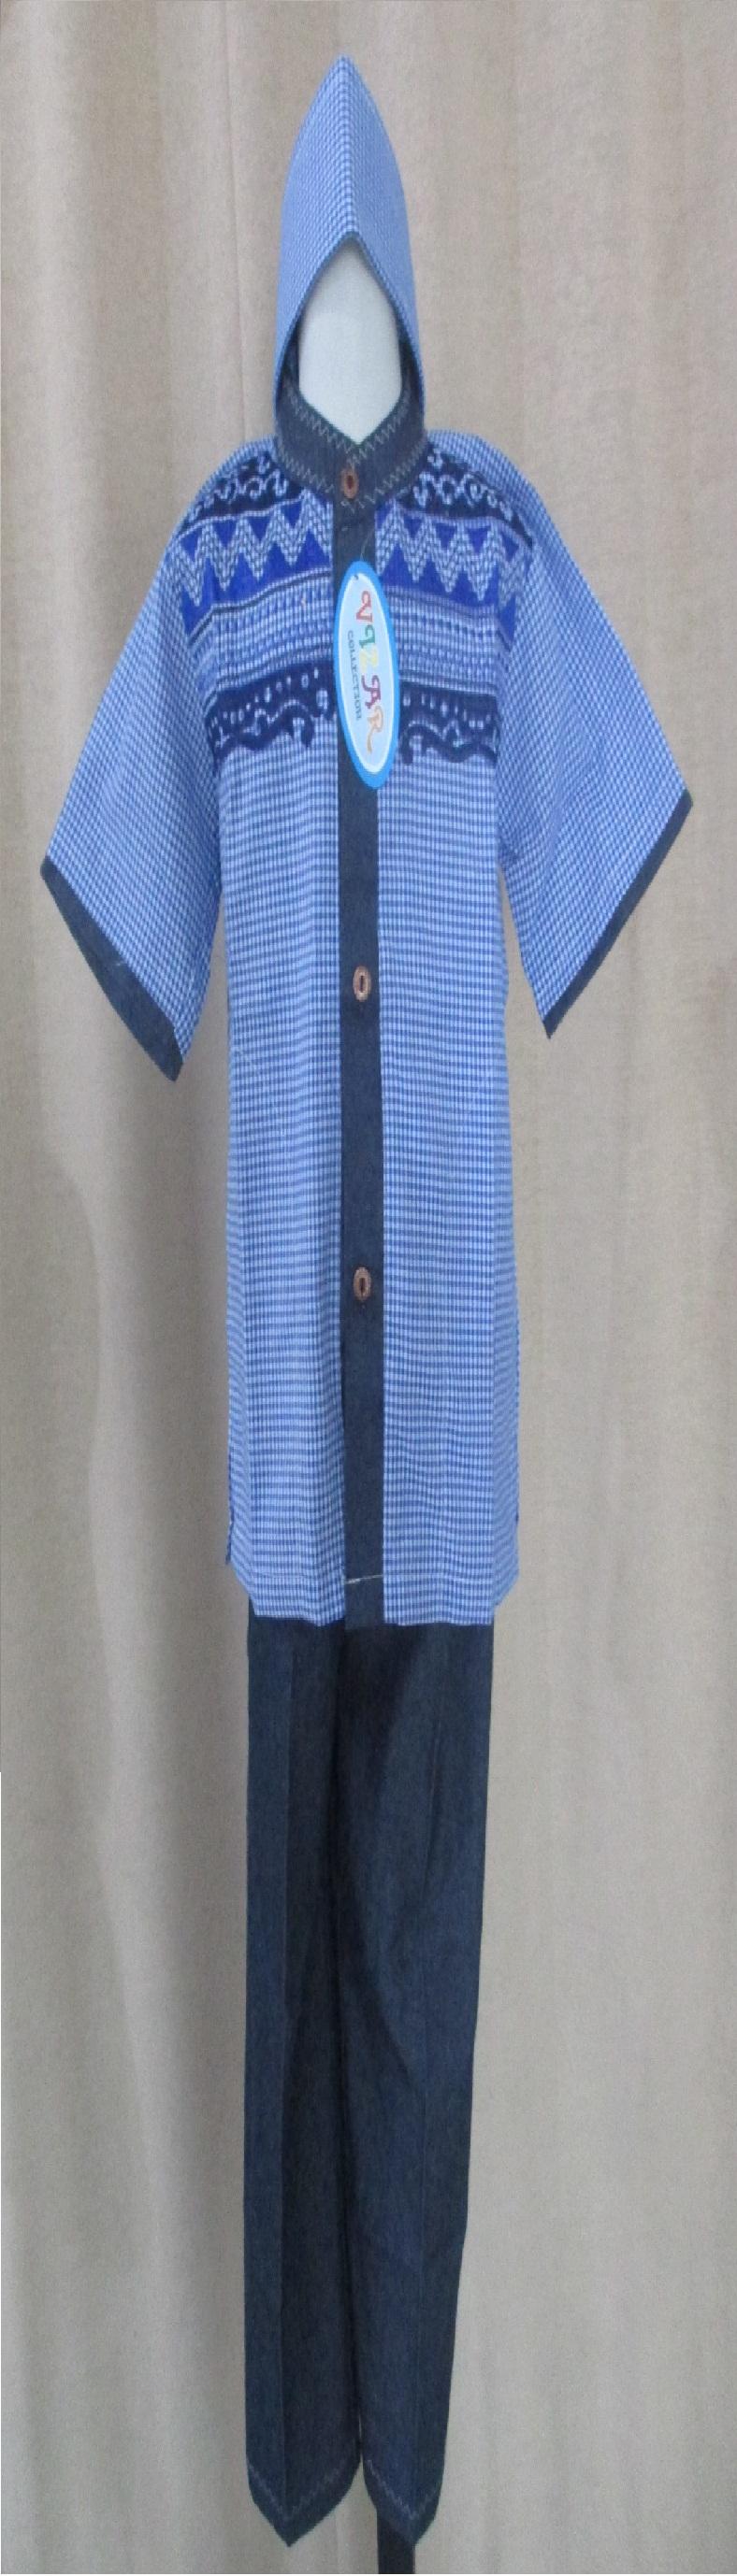 Baju Koko Vizar Murah